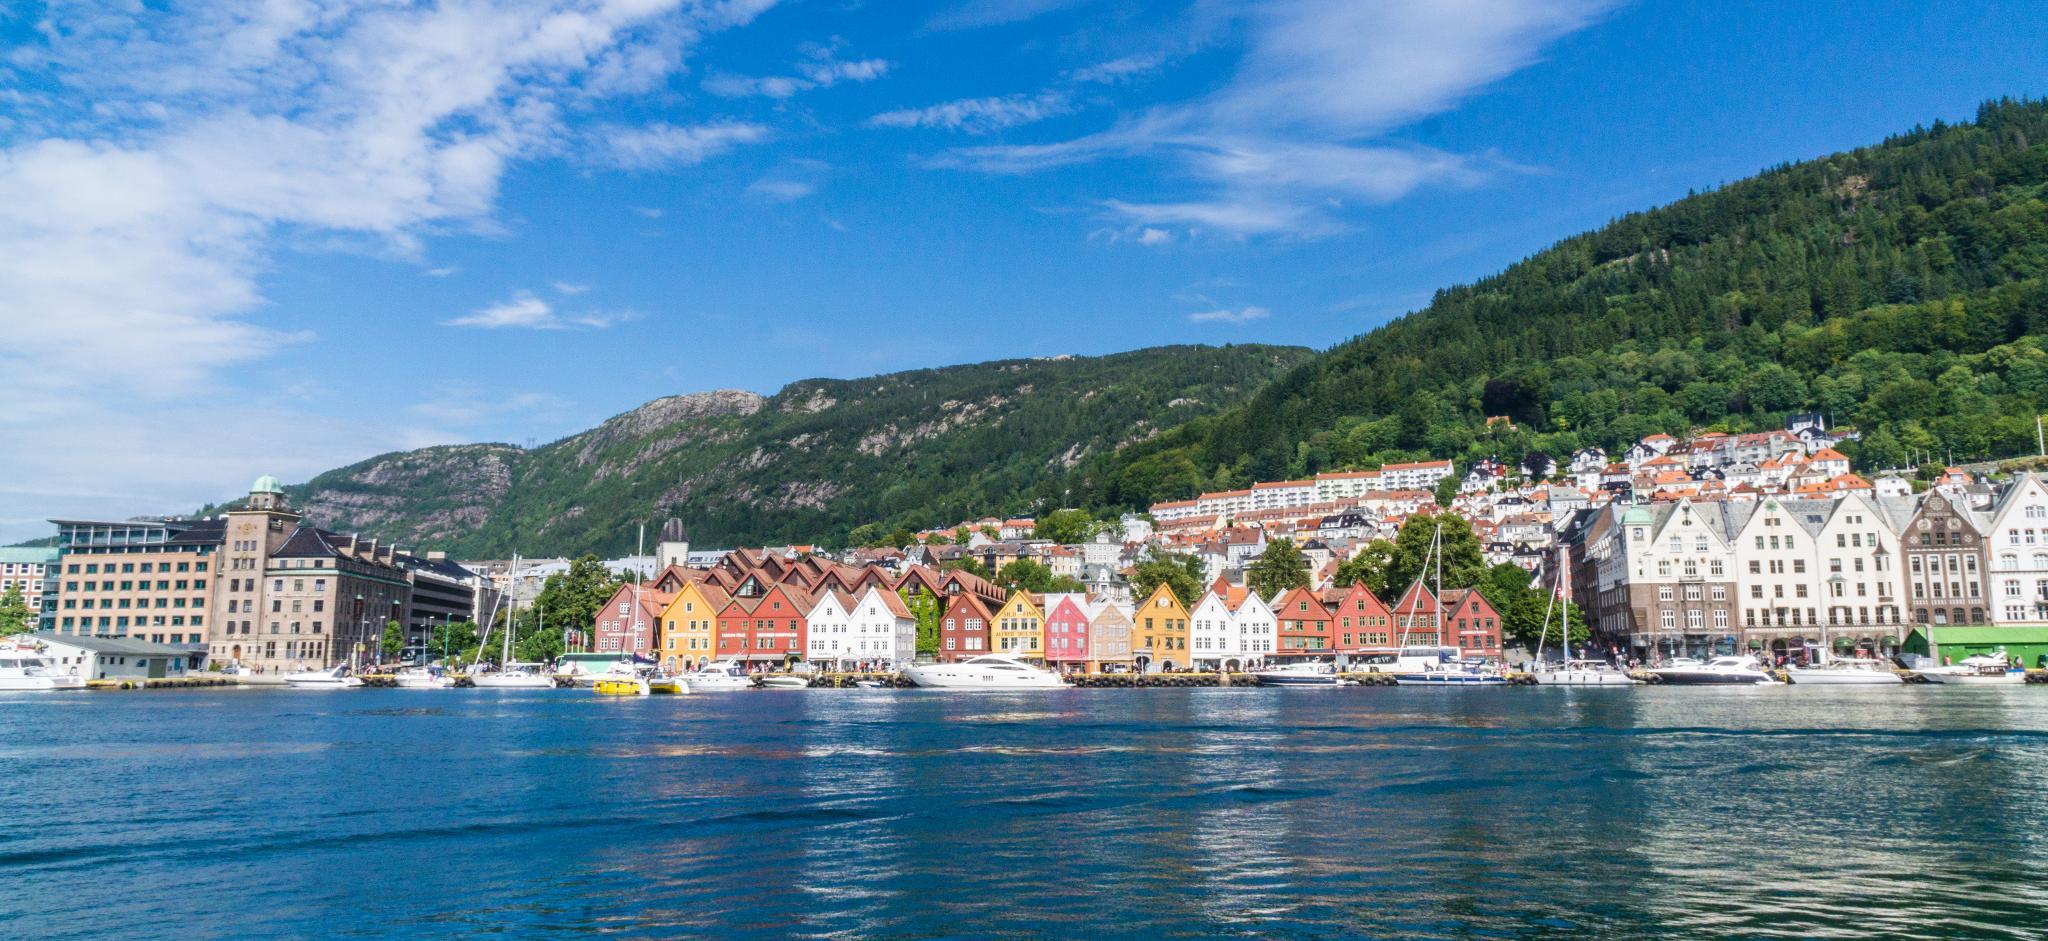 【卑爾根】Bryggen 世界遺產布呂根 — 迷失在百年歷史的挪威彩色木屋 33